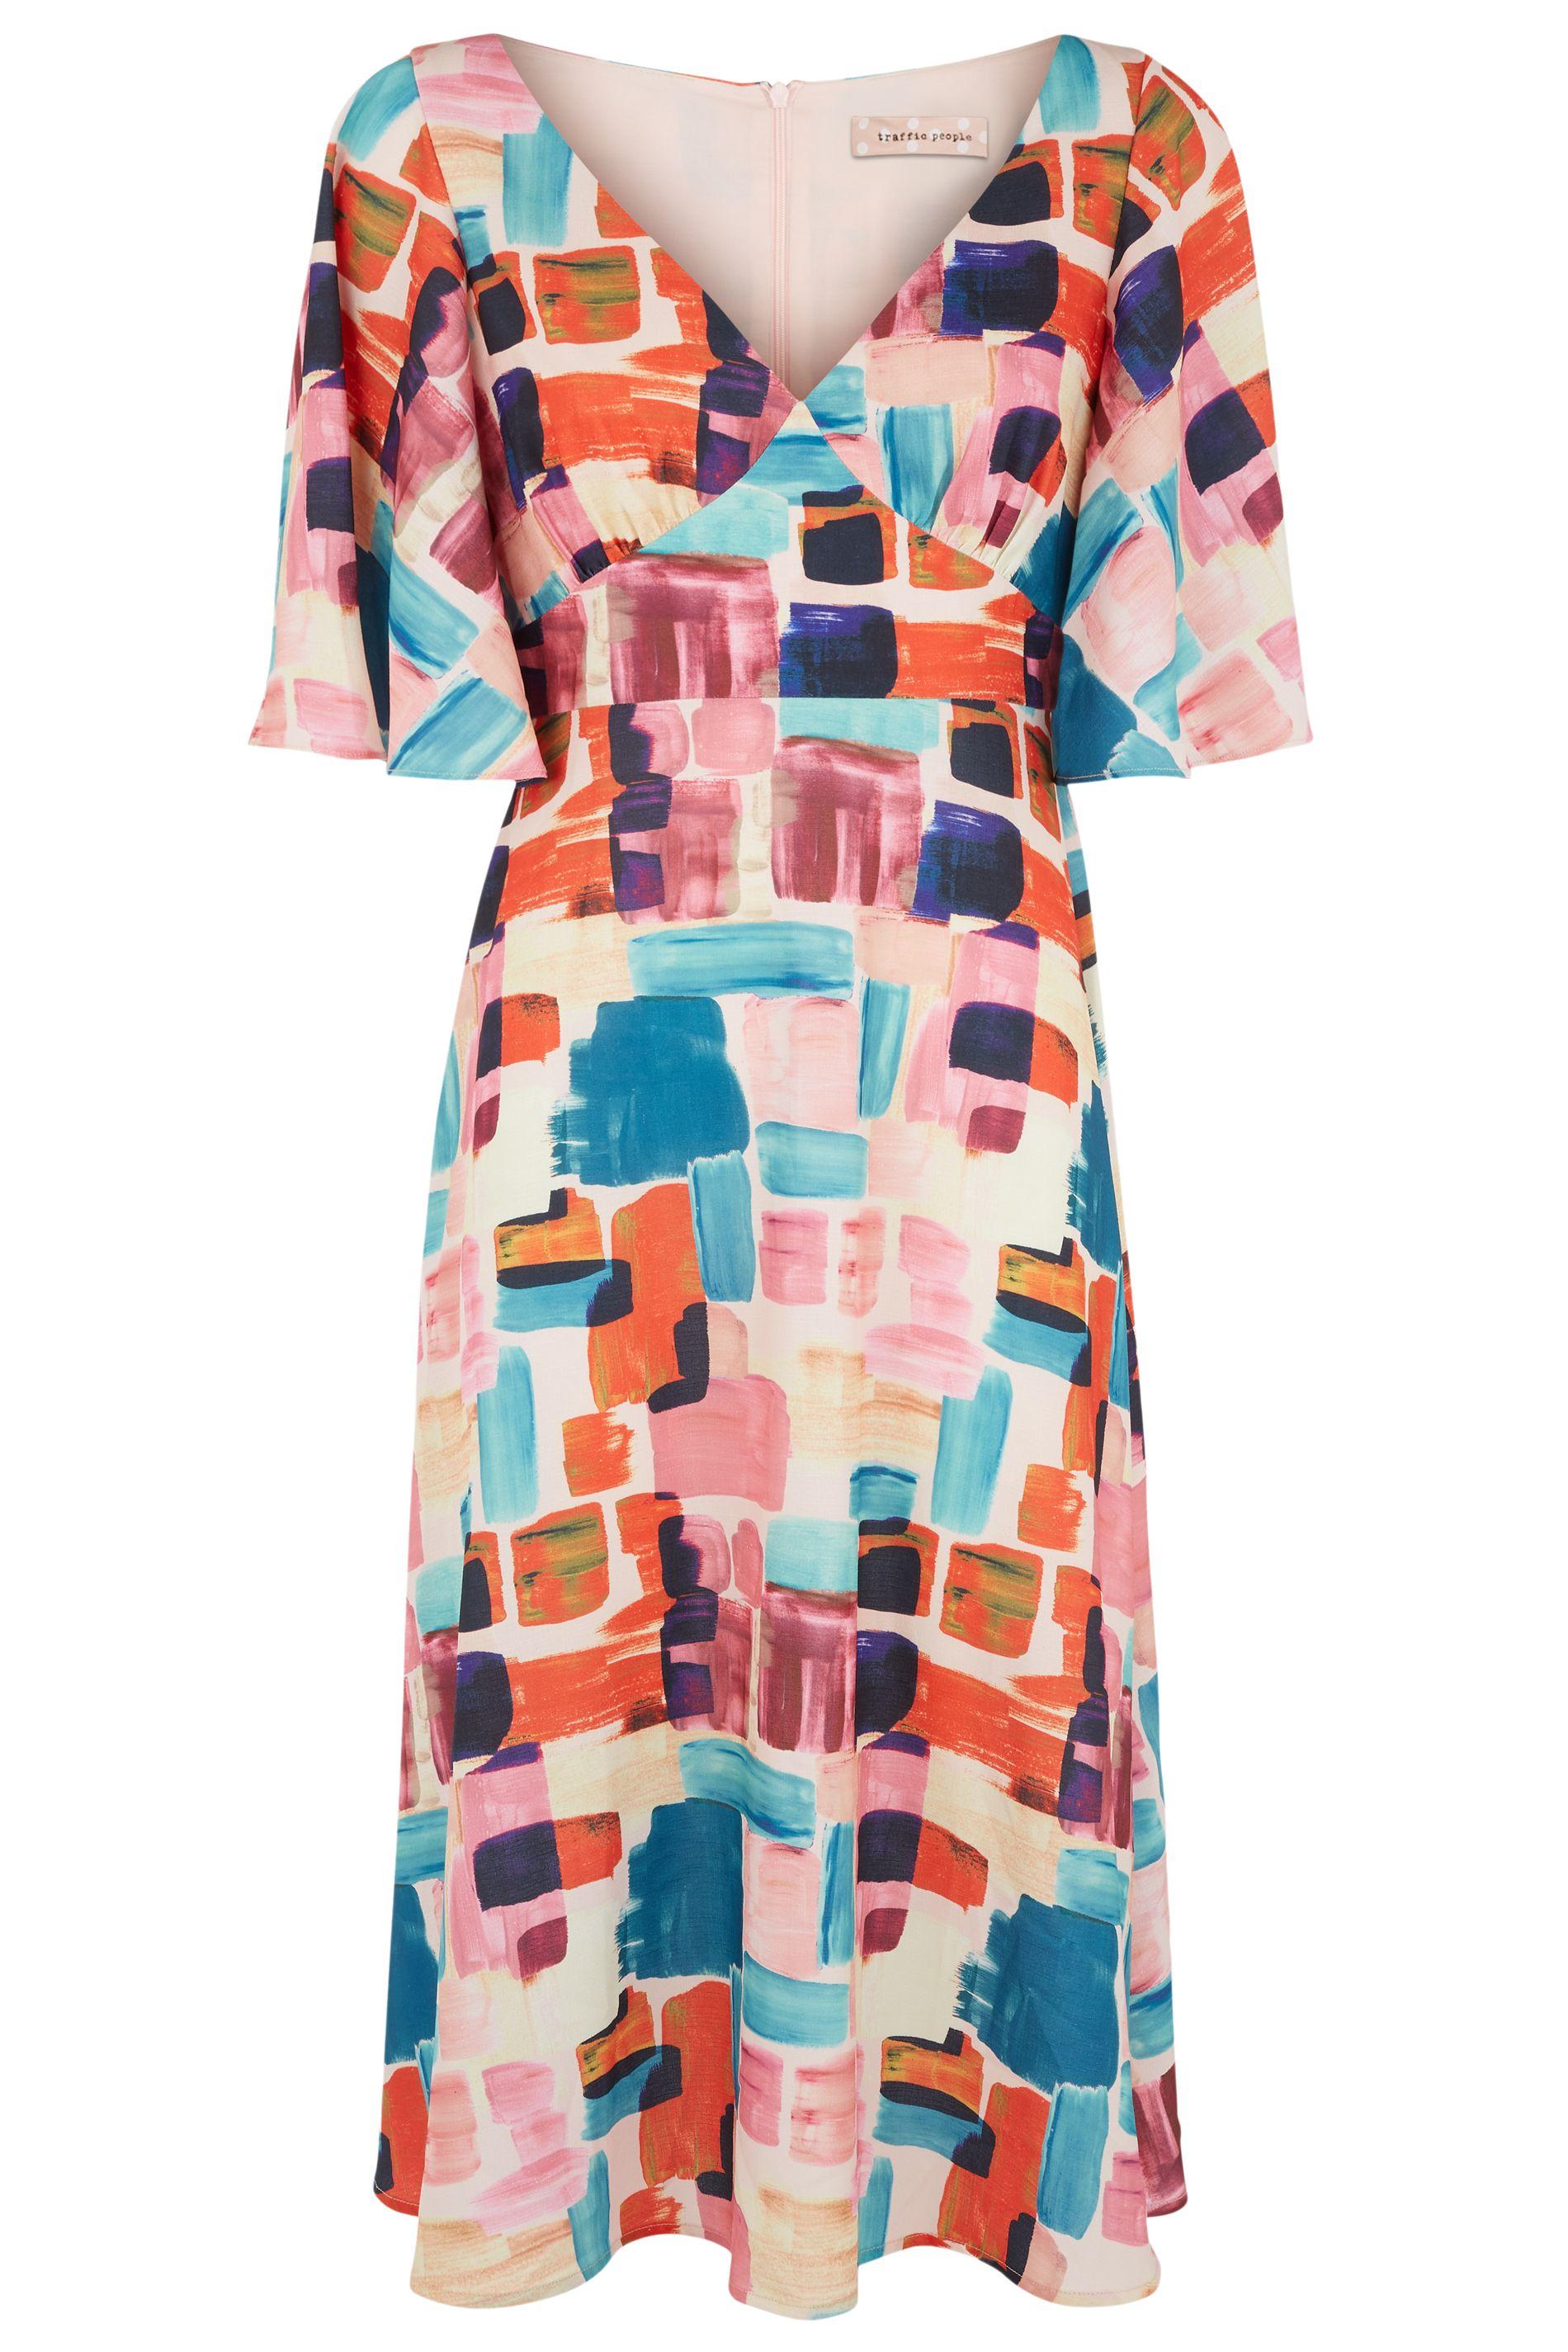 Preen Printed V-neck Midi Dress in Multicoloured